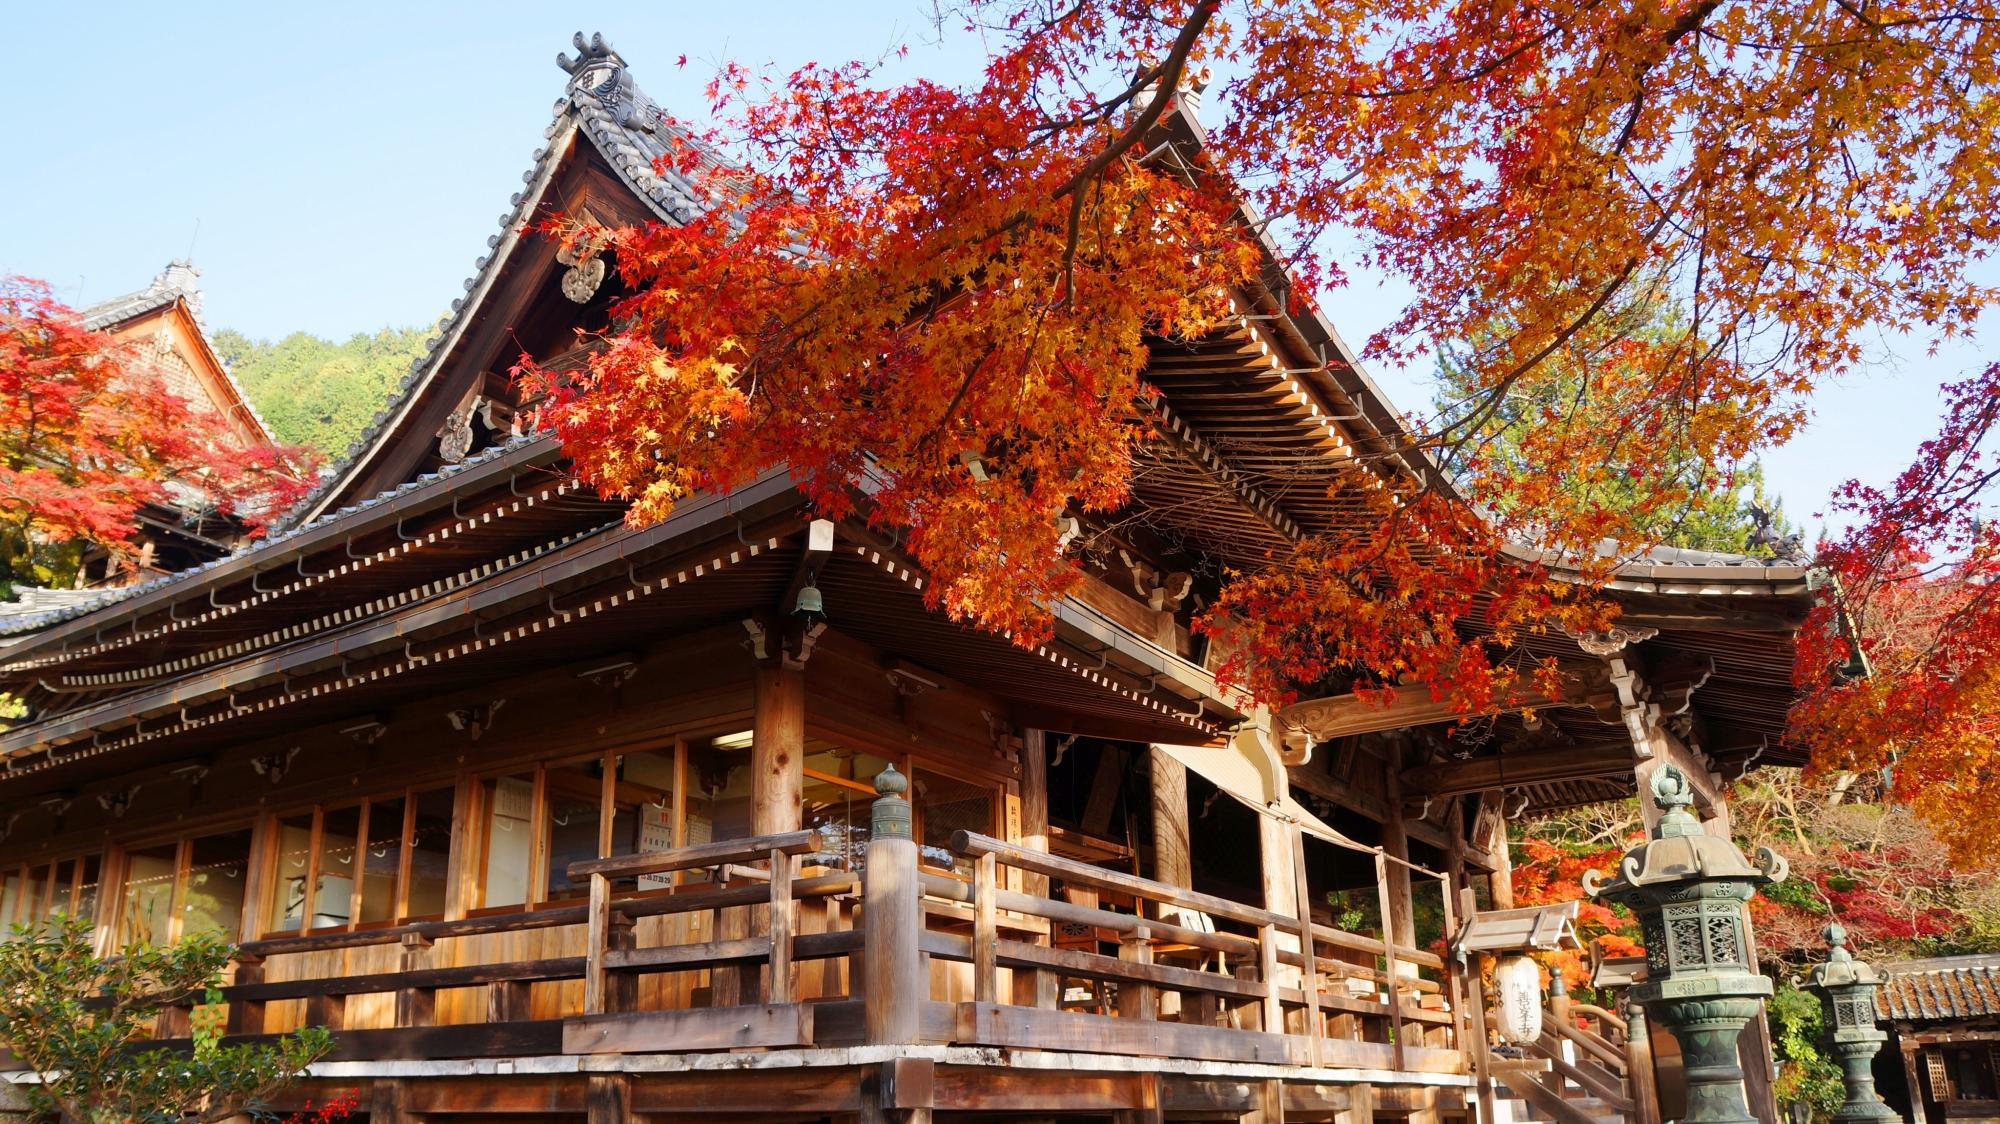 善峯寺の観音堂と紅葉